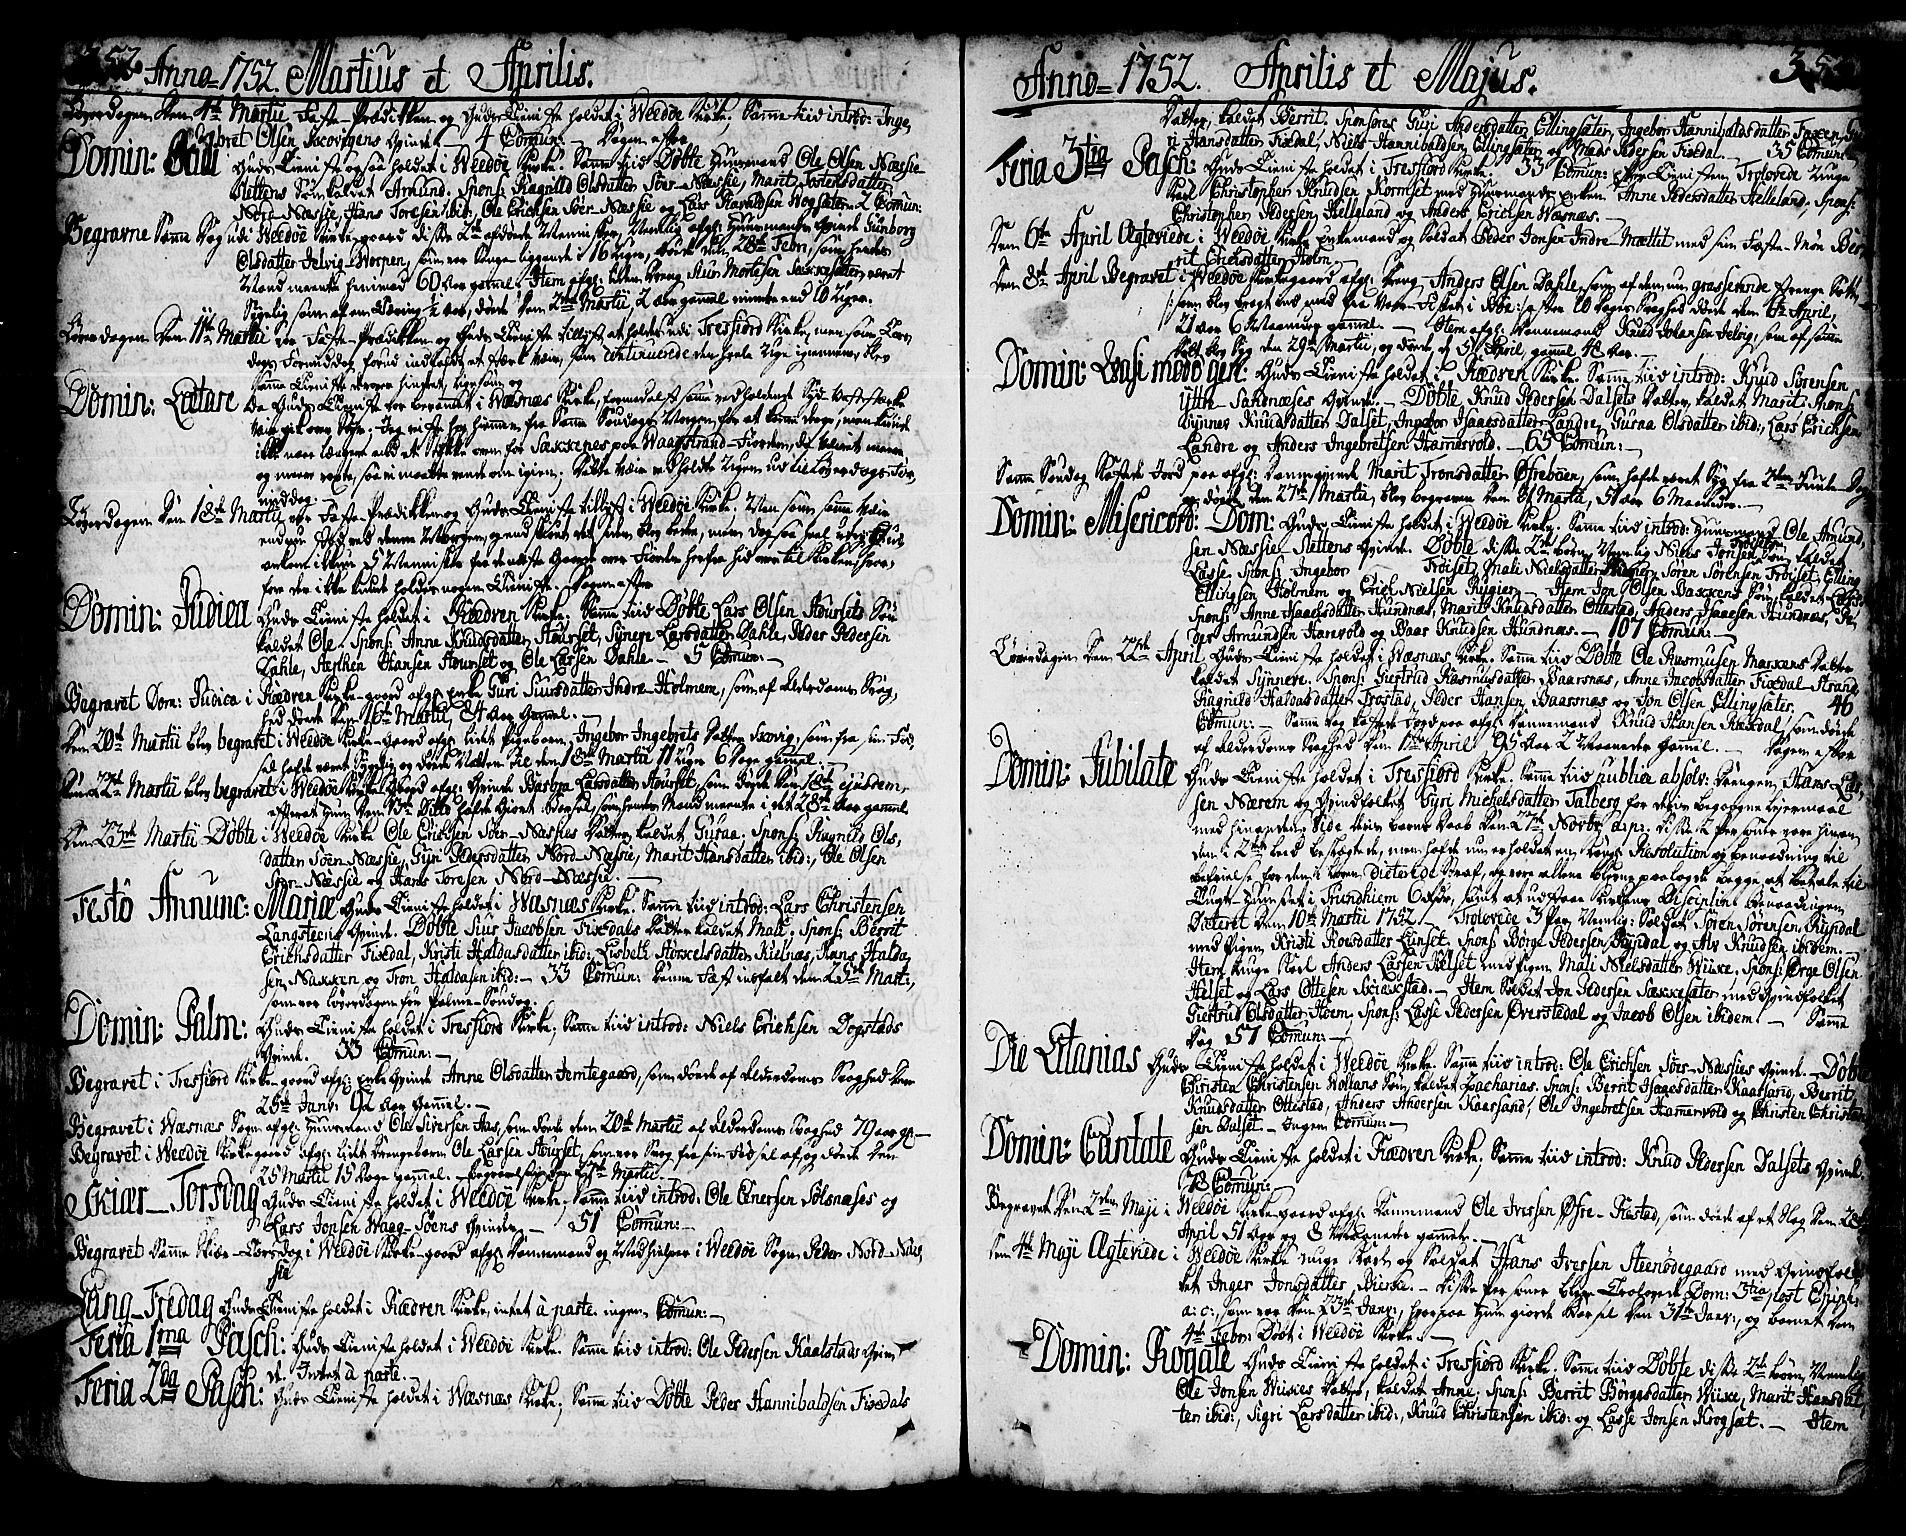 SAT, Ministerialprotokoller, klokkerbøker og fødselsregistre - Møre og Romsdal, 547/L0599: Ministerialbok nr. 547A01, 1721-1764, s. 352-353